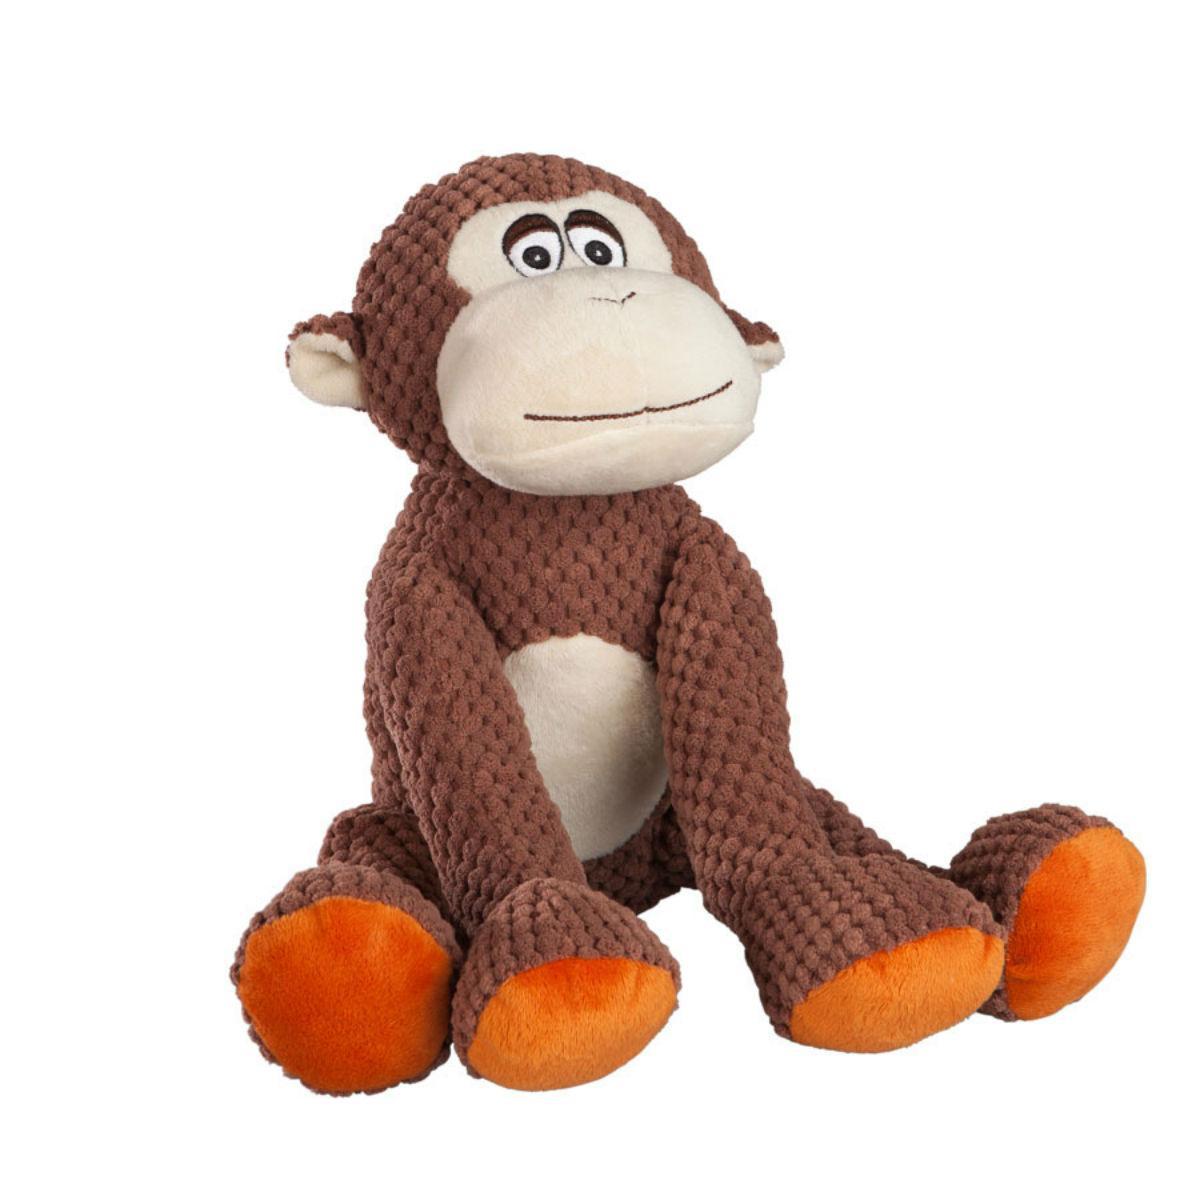 fabdog® Floppy Friends Dog Toy - Monkey